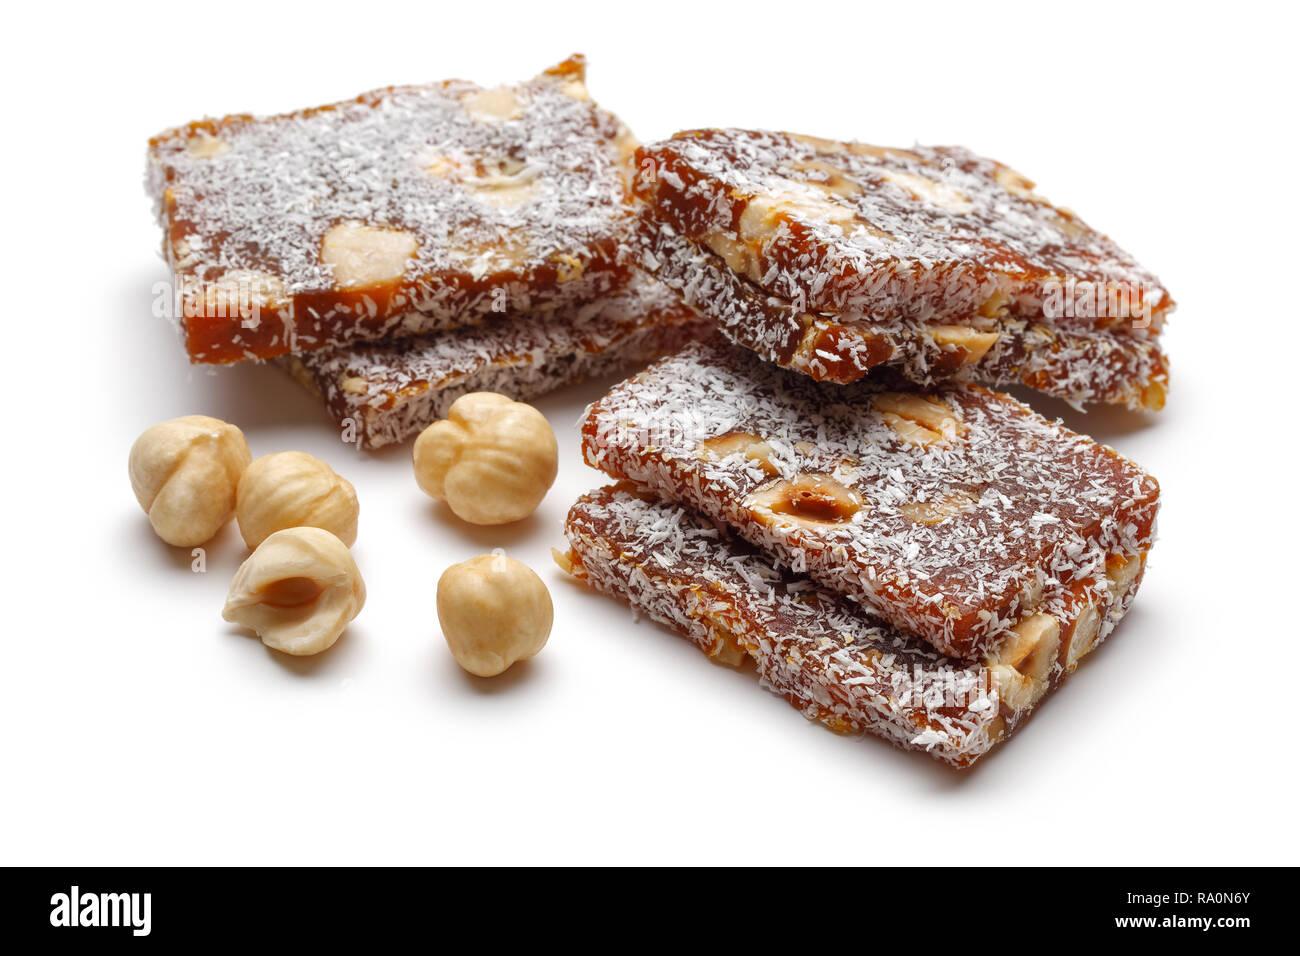 Turkish dessert cezerye with hazelnuts isolated on white background Stock Photo